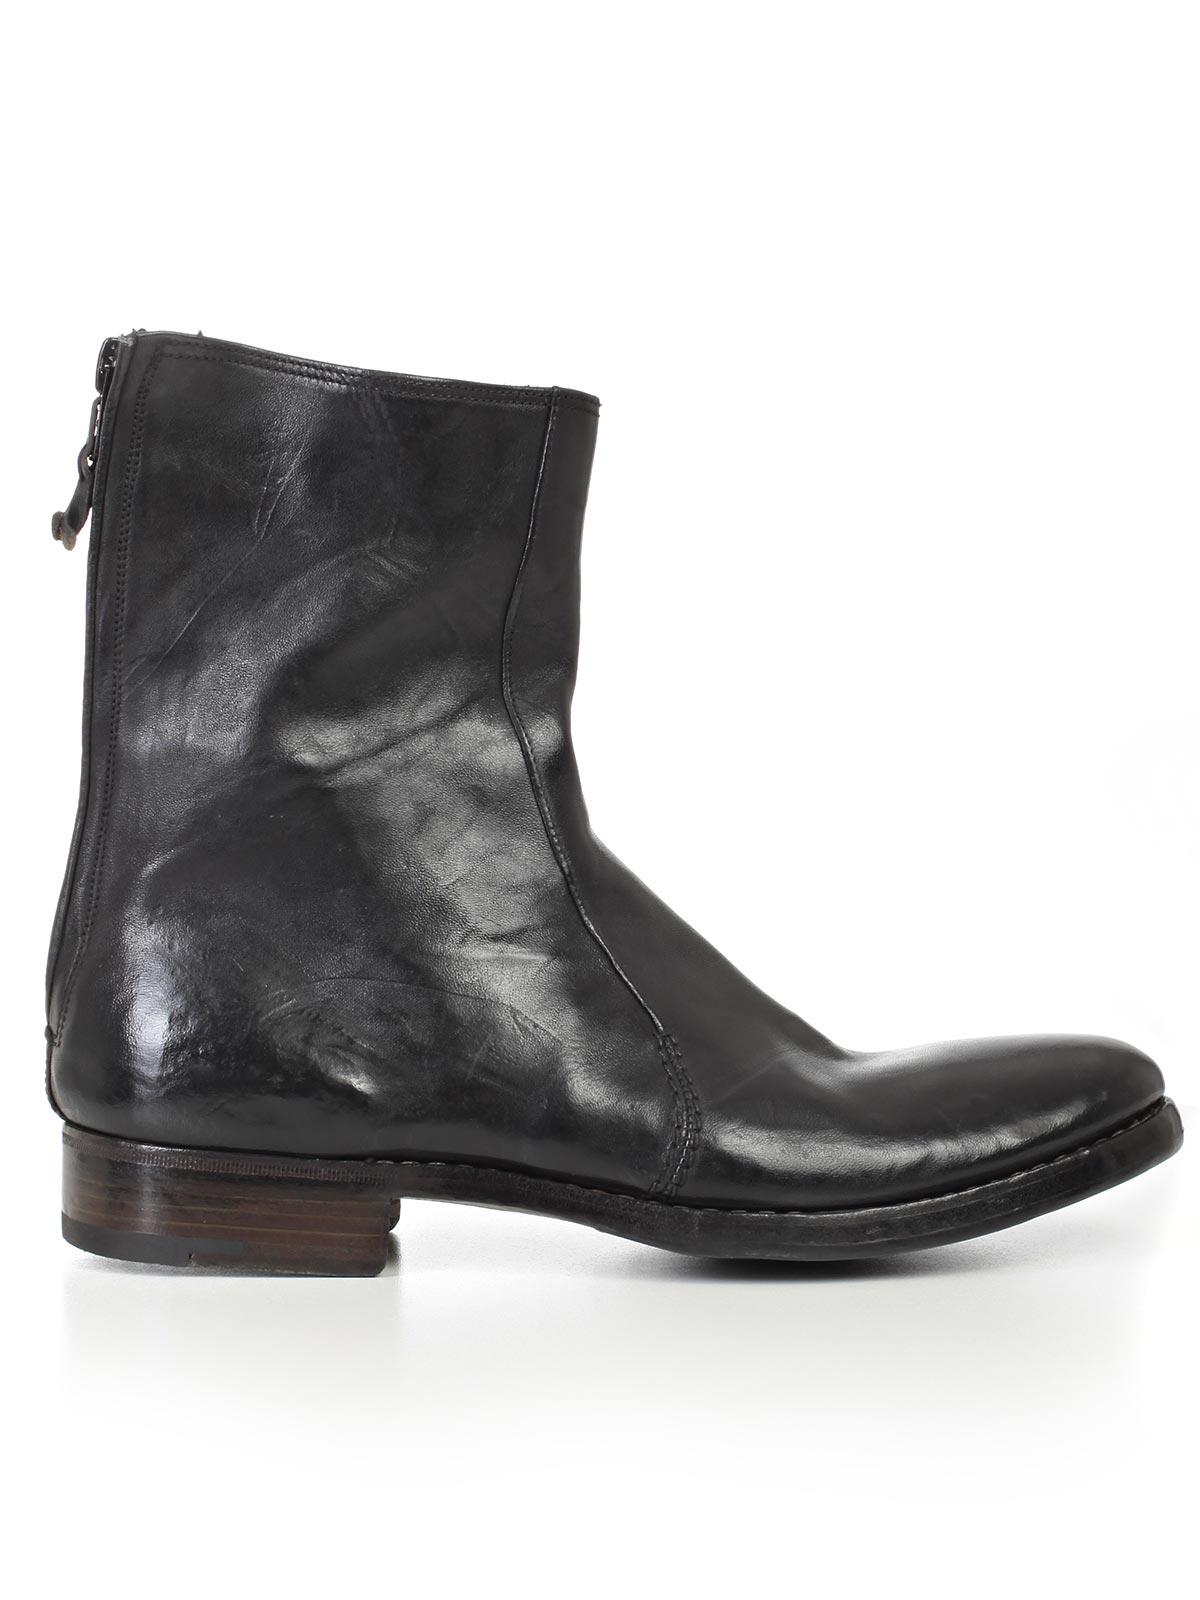 Picture of PREMIATA Boots